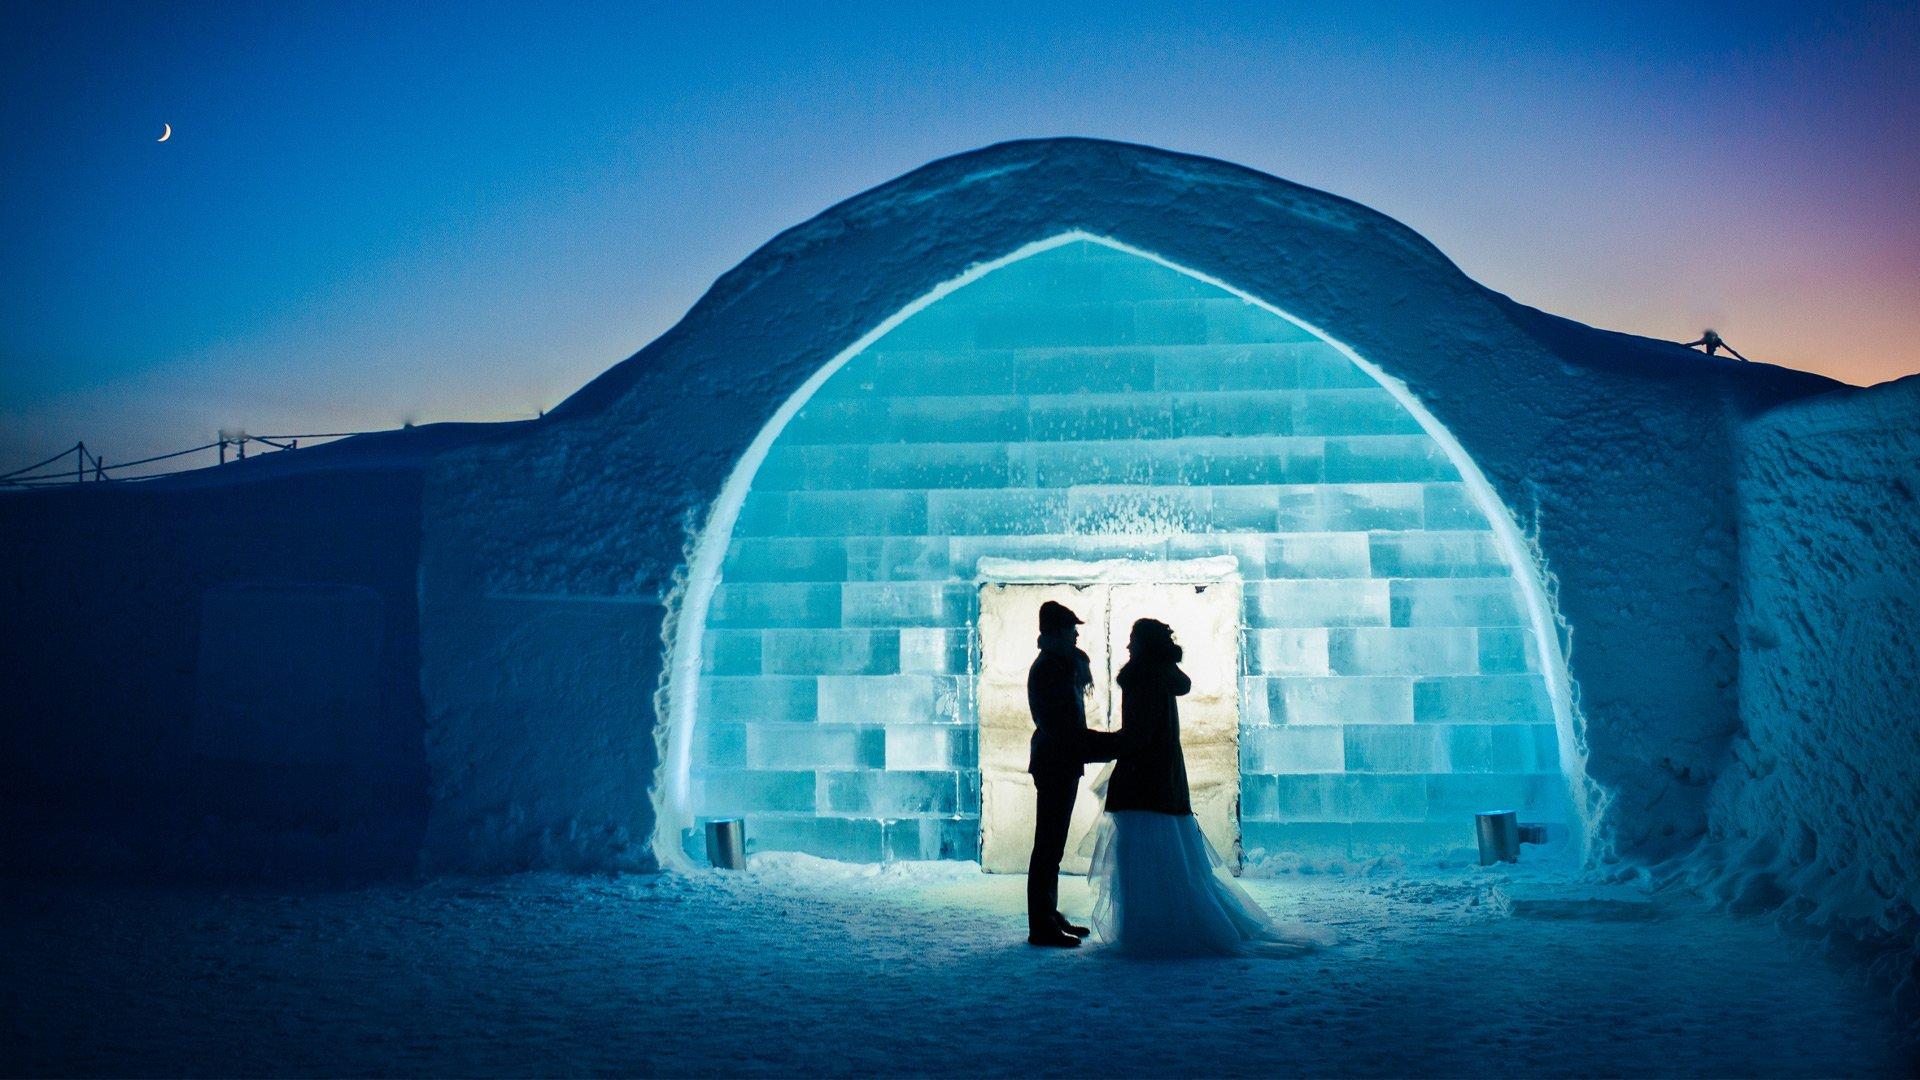 icehotel, wedding, asaf kliger, 1920 1080